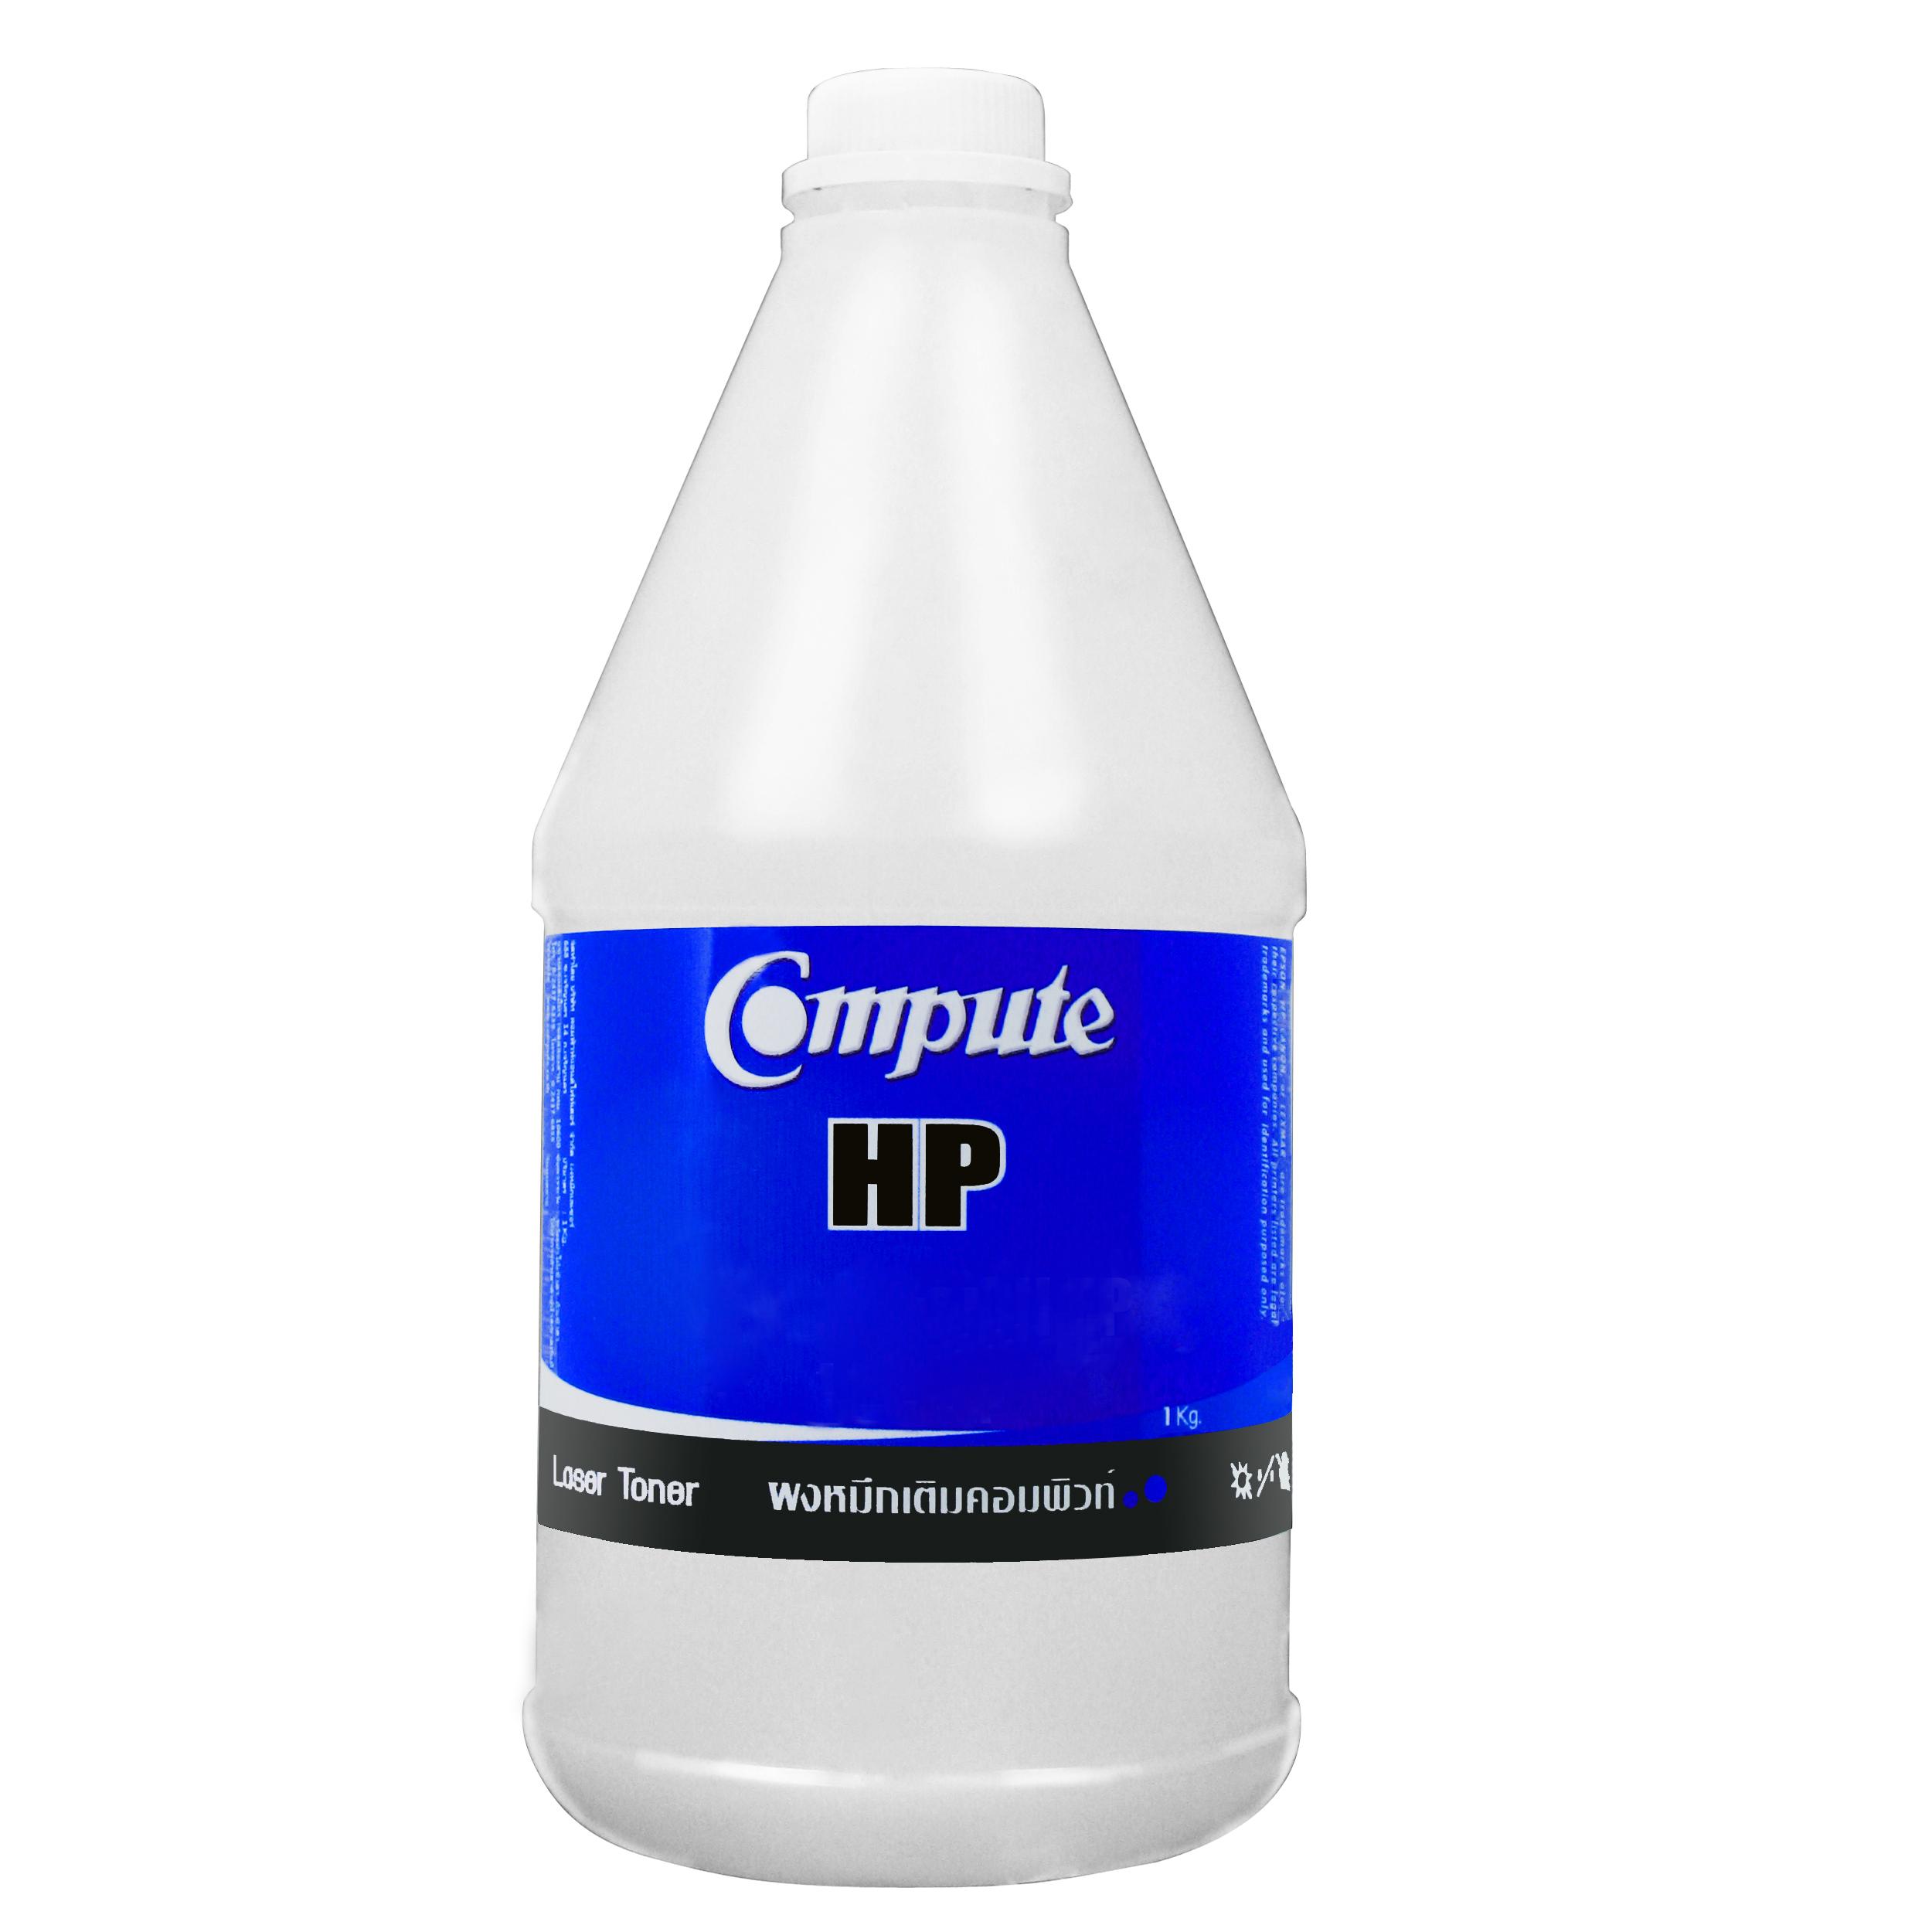 ผงหมึกเติม HP CB436A คอมพิวท์ (Refill Toner) 1 กิโลกรัม